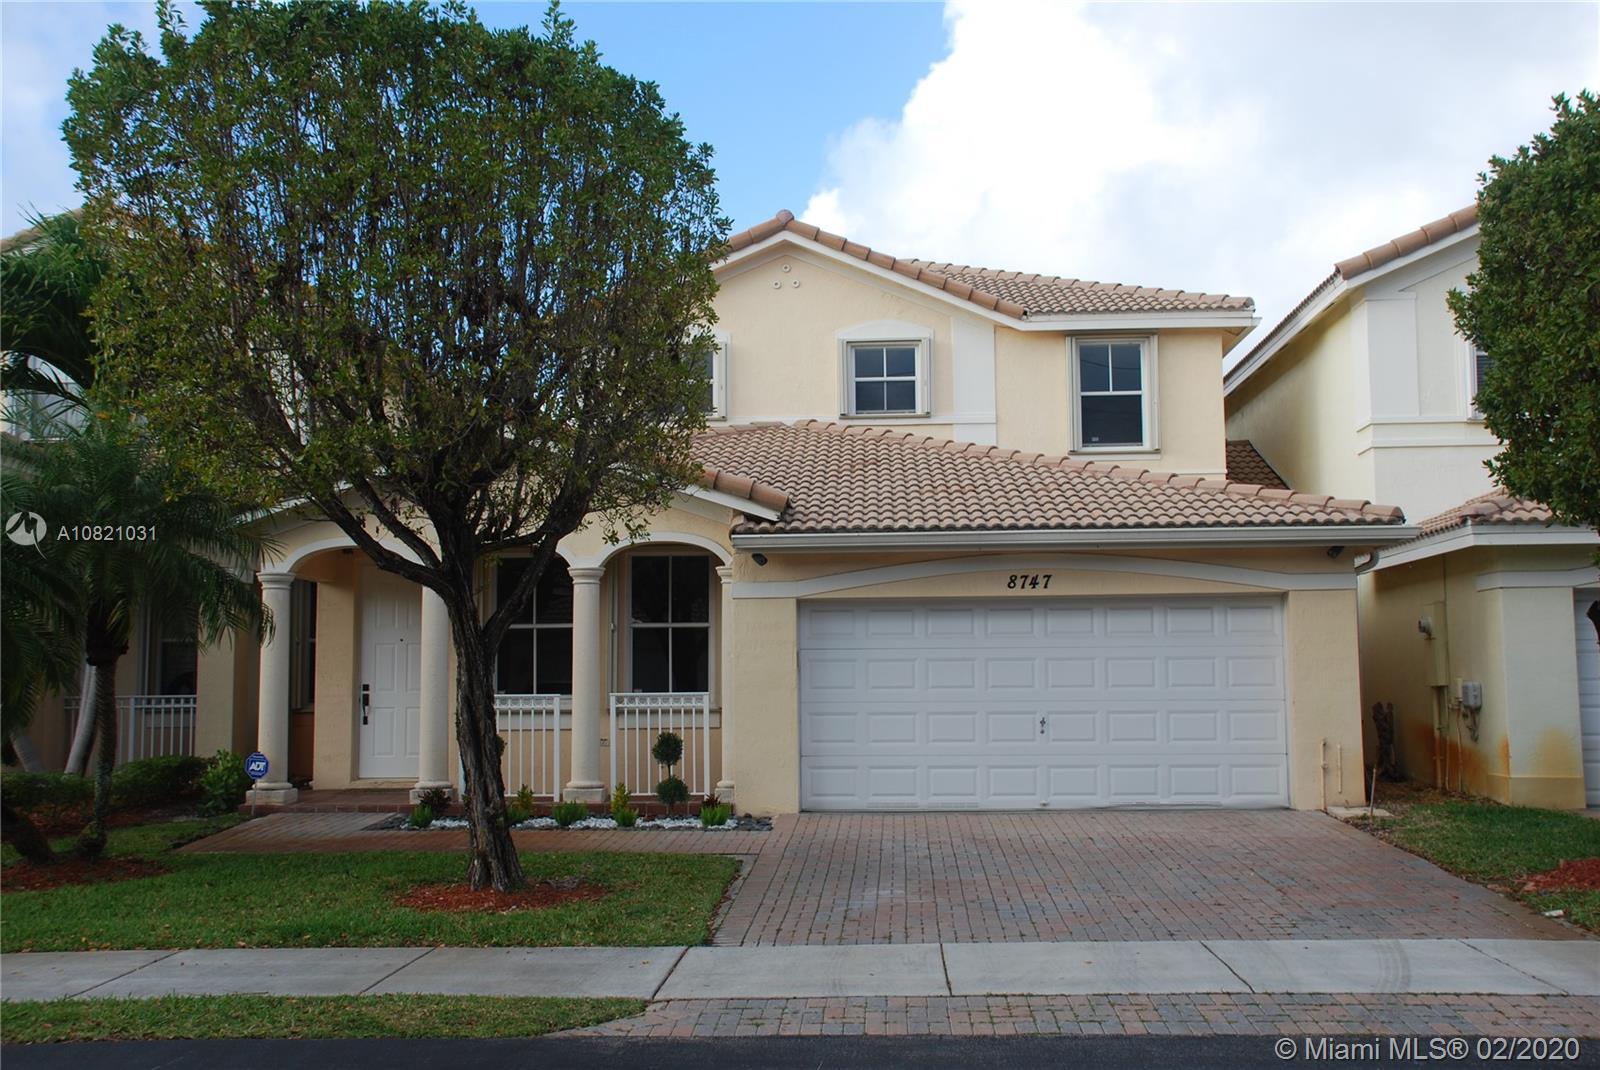 8747 SW 3rd Ln, Miami, FL 33174